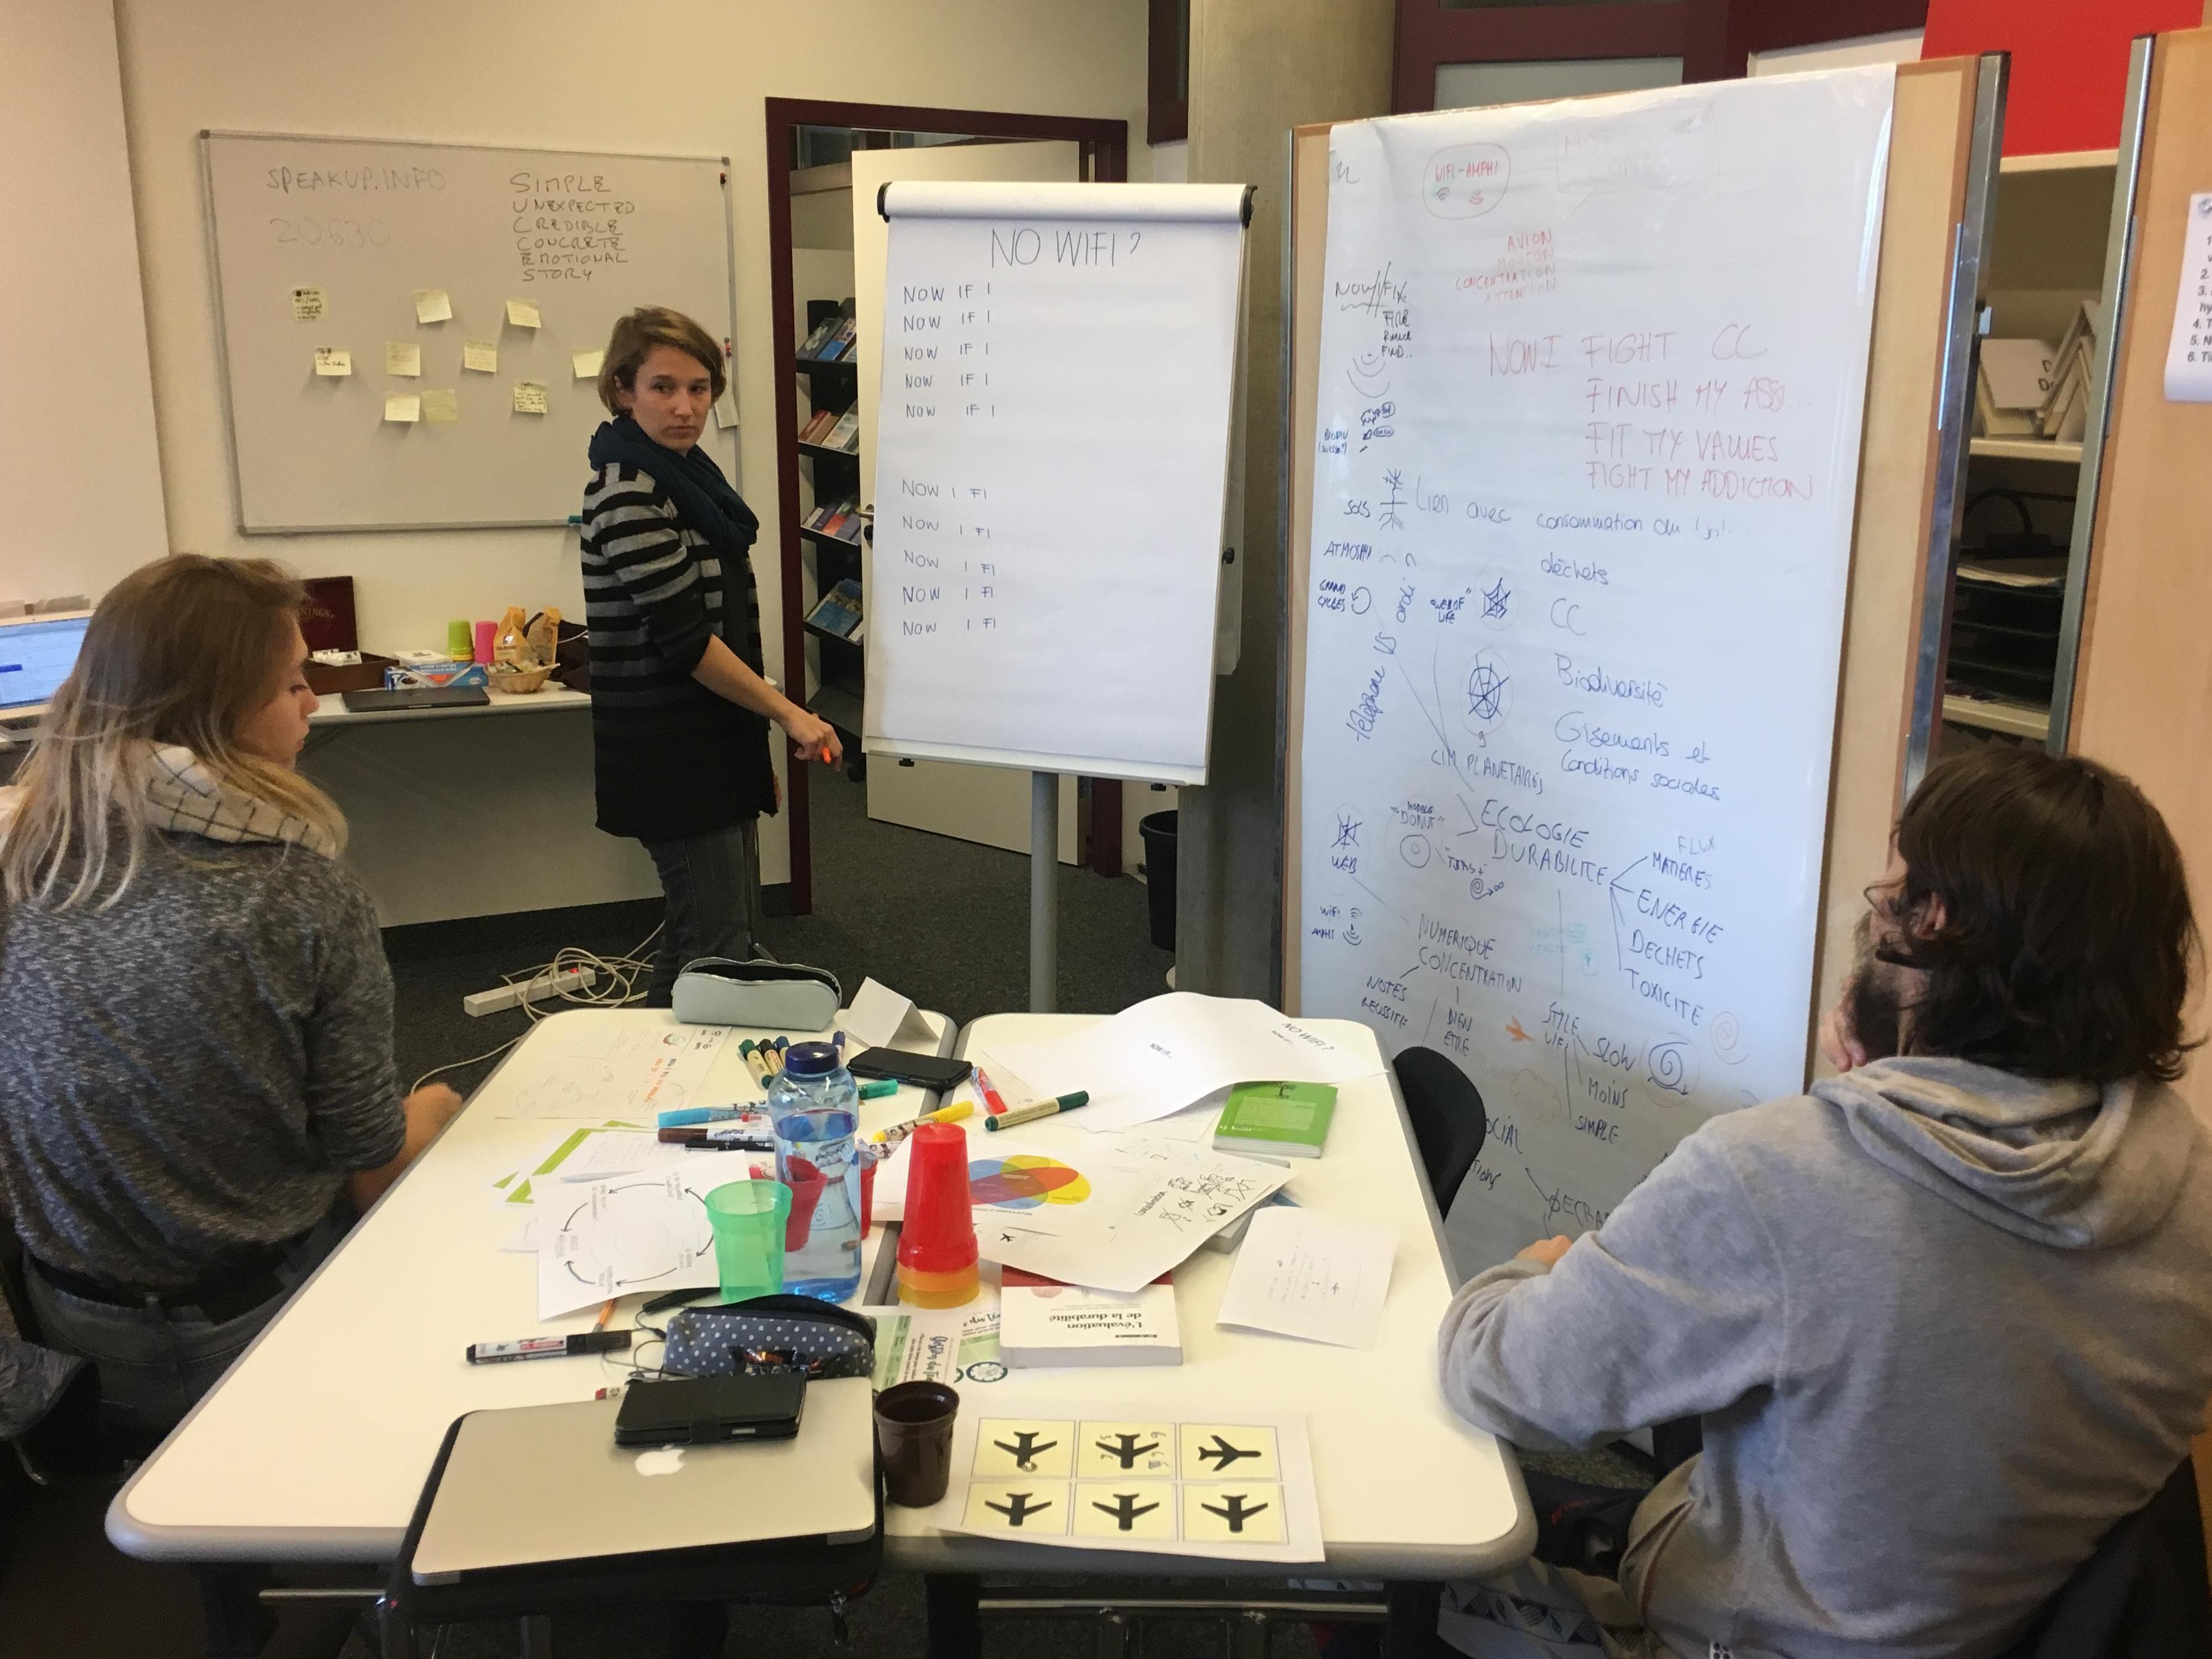 Deux étudiant·e·s de HEC Lausanne racontent leur expérience de l'Atelier Créatif Interdisciplinaire (Semaine 8)